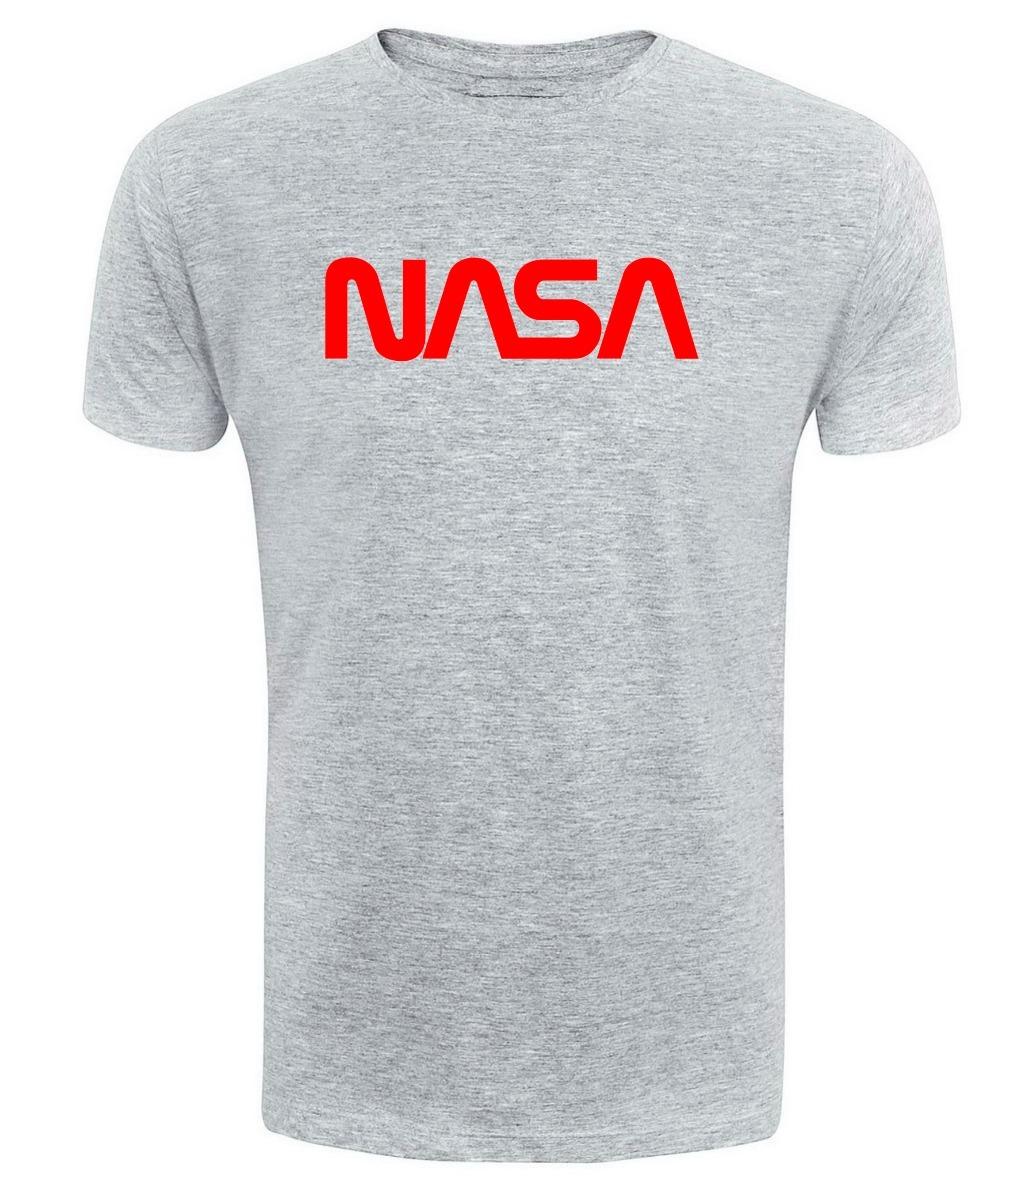 90c26389a camiseta nasa cinza aeronautica. Carregando zoom.